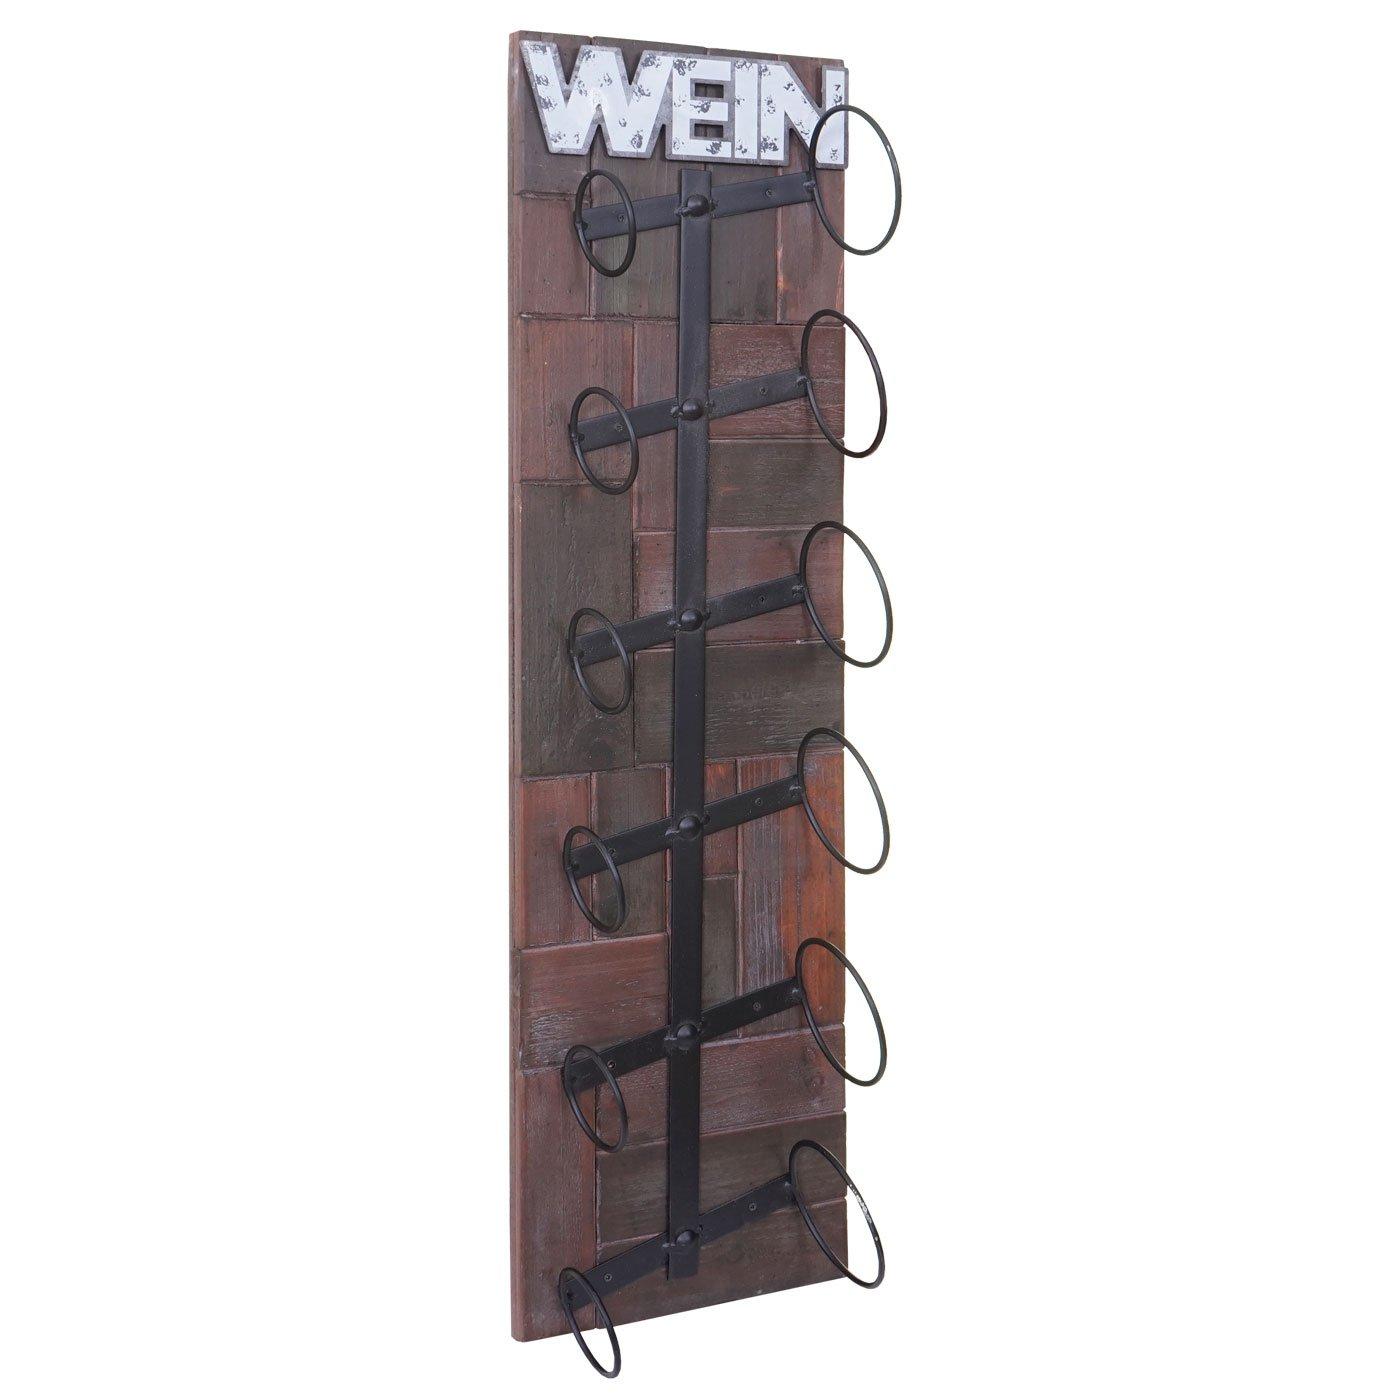 Weinregal Hwc A90 Wandregal Flaschenhalter Holz Metall Fur 4 Oder 6 Flaschen Home Furniture Diy Wine Accessories